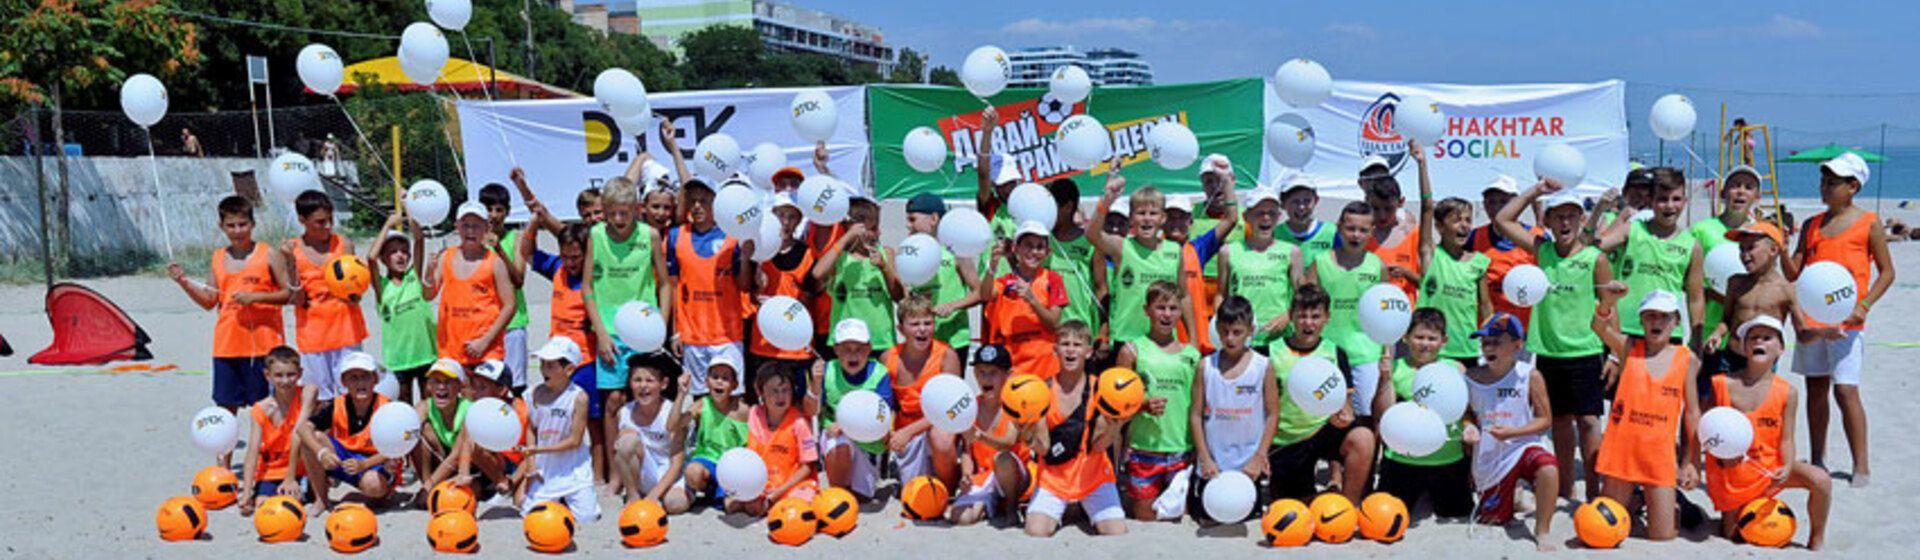 Shakhtar organise beach soccer festival header